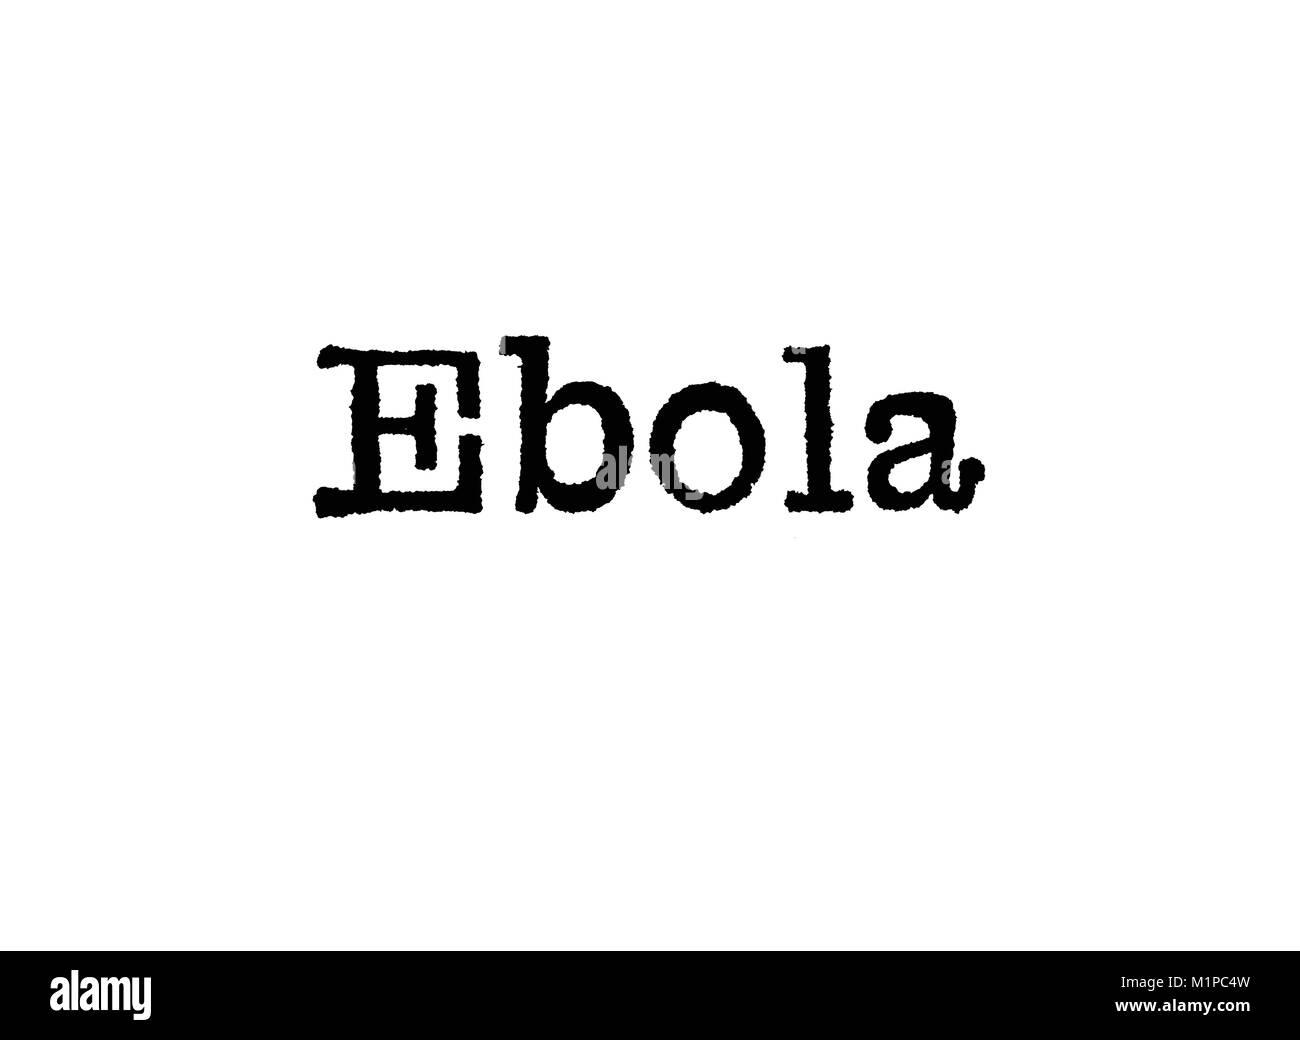 Das Wort Ebola aus einer Schreibmaschine auf weißem Hintergrund Stockbild